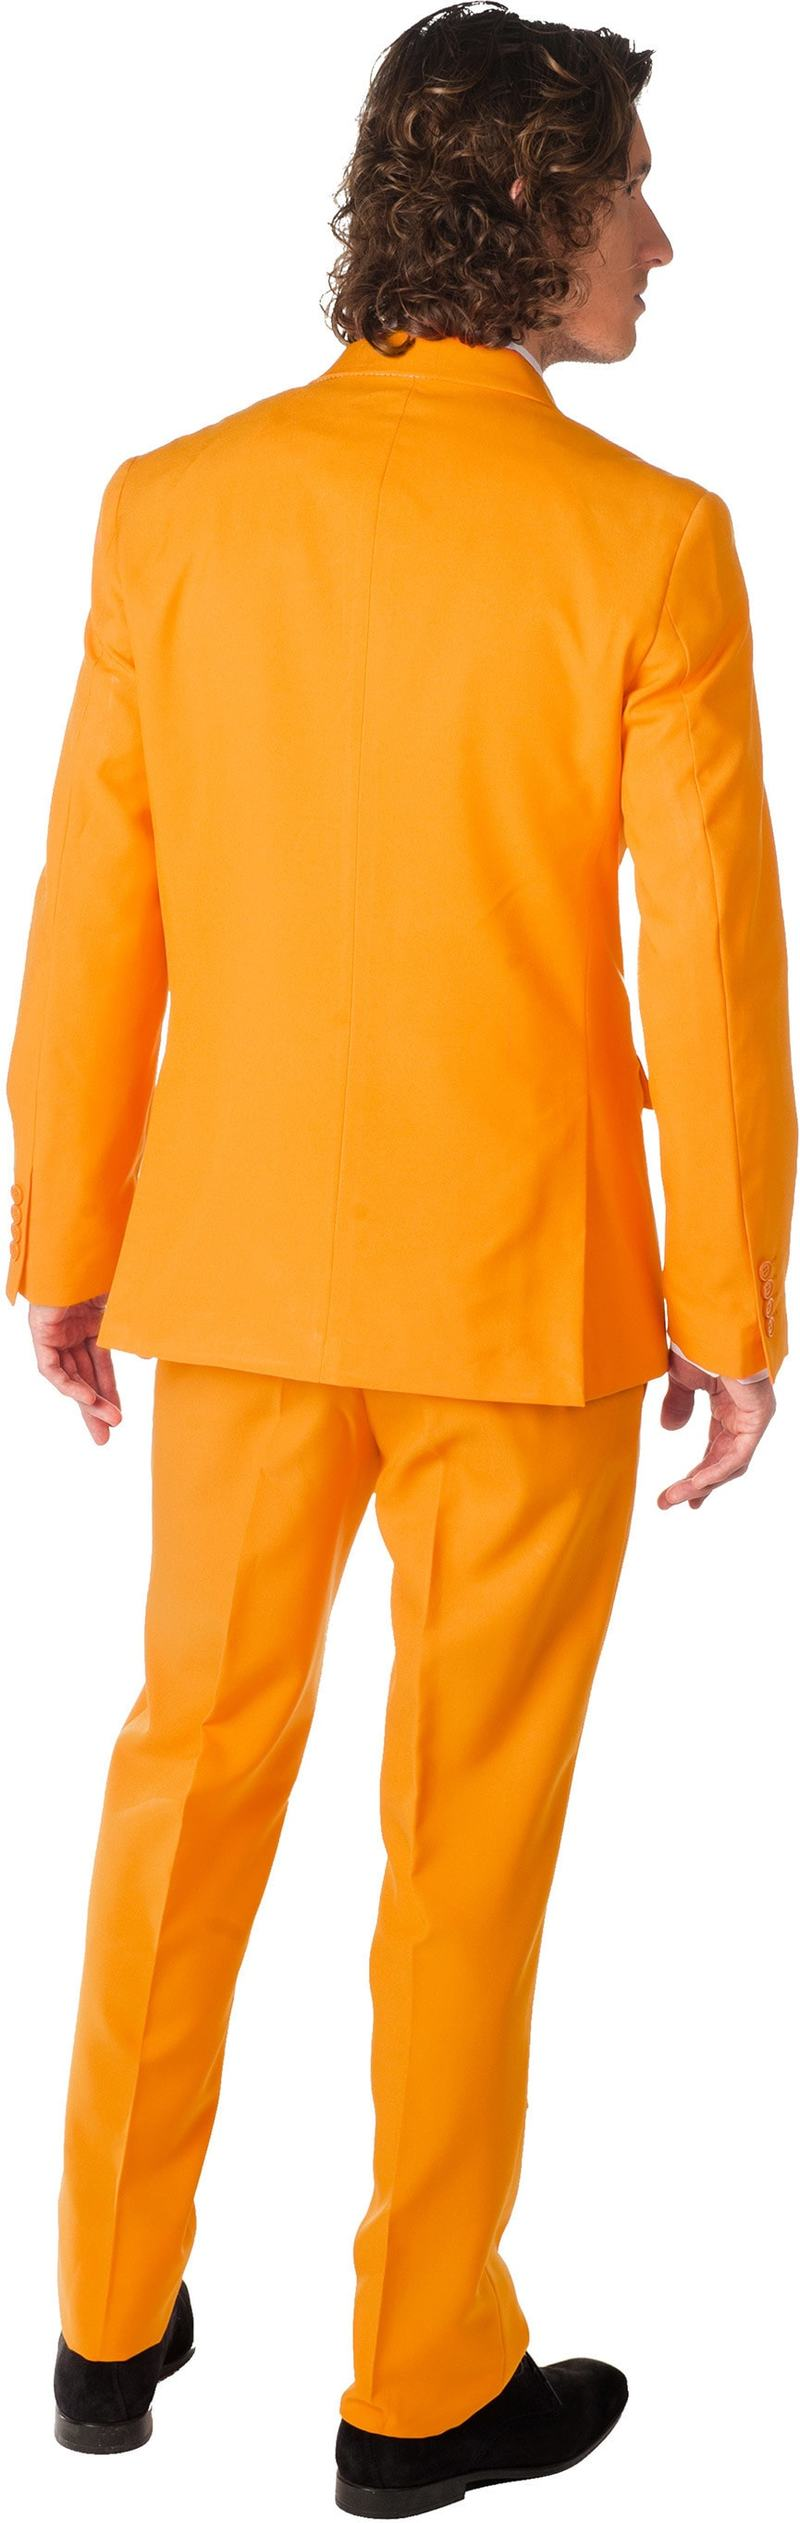 OppoSuits Orange Kostüm Foto 1